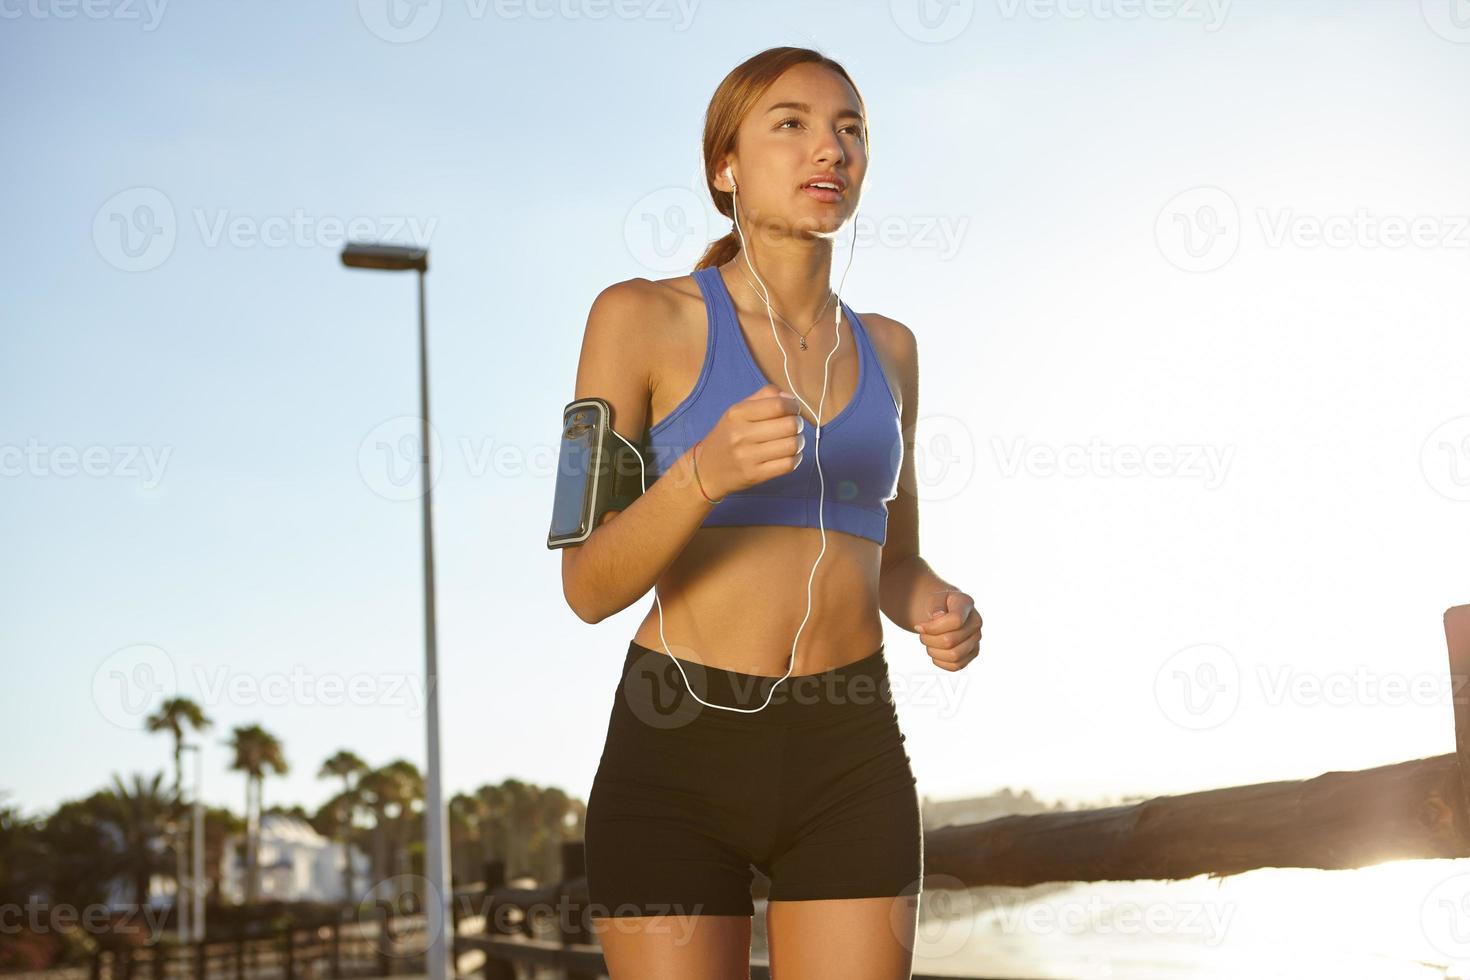 jonge jogger die een gezonde levensstijl leeft foto